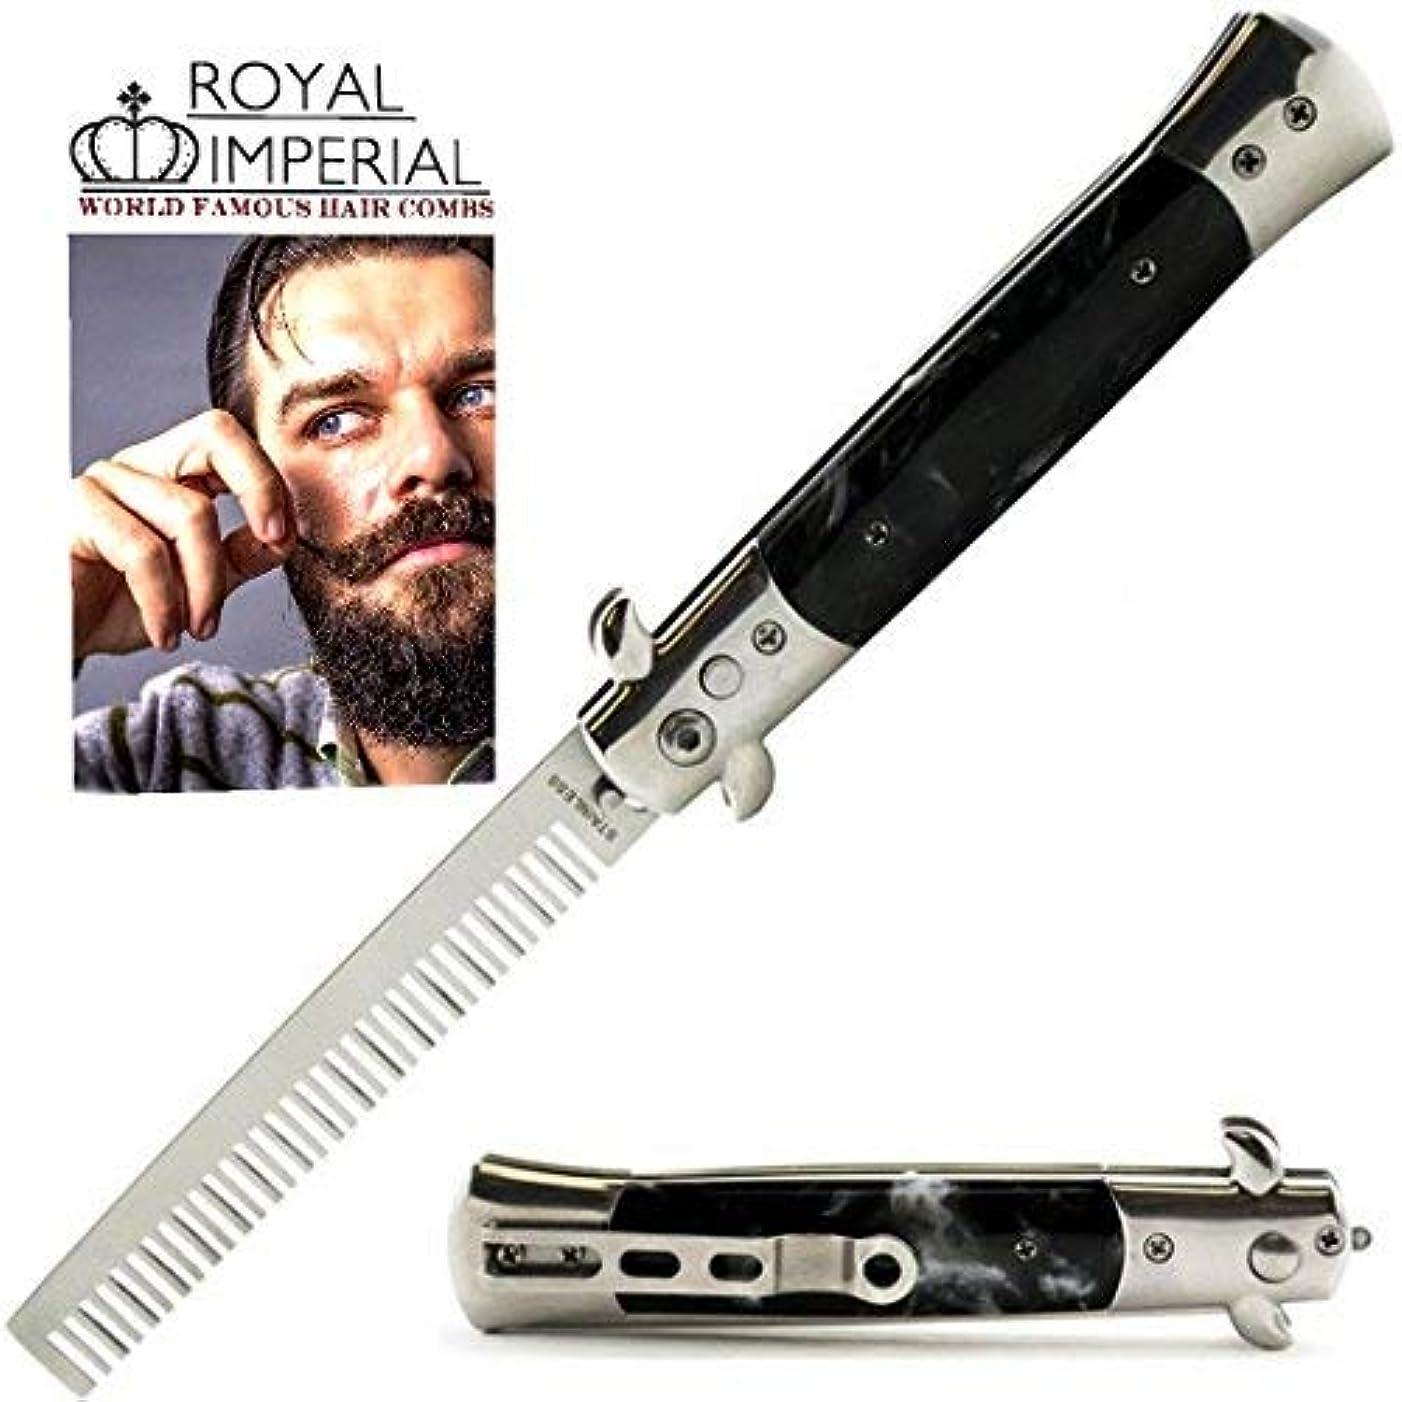 発疹ベスビオ山誓約Royal Imperial Metal Switchblade Pocket Folding Flick Hair Comb For Beard, Mustache, Head Black Pearl Handle ~...